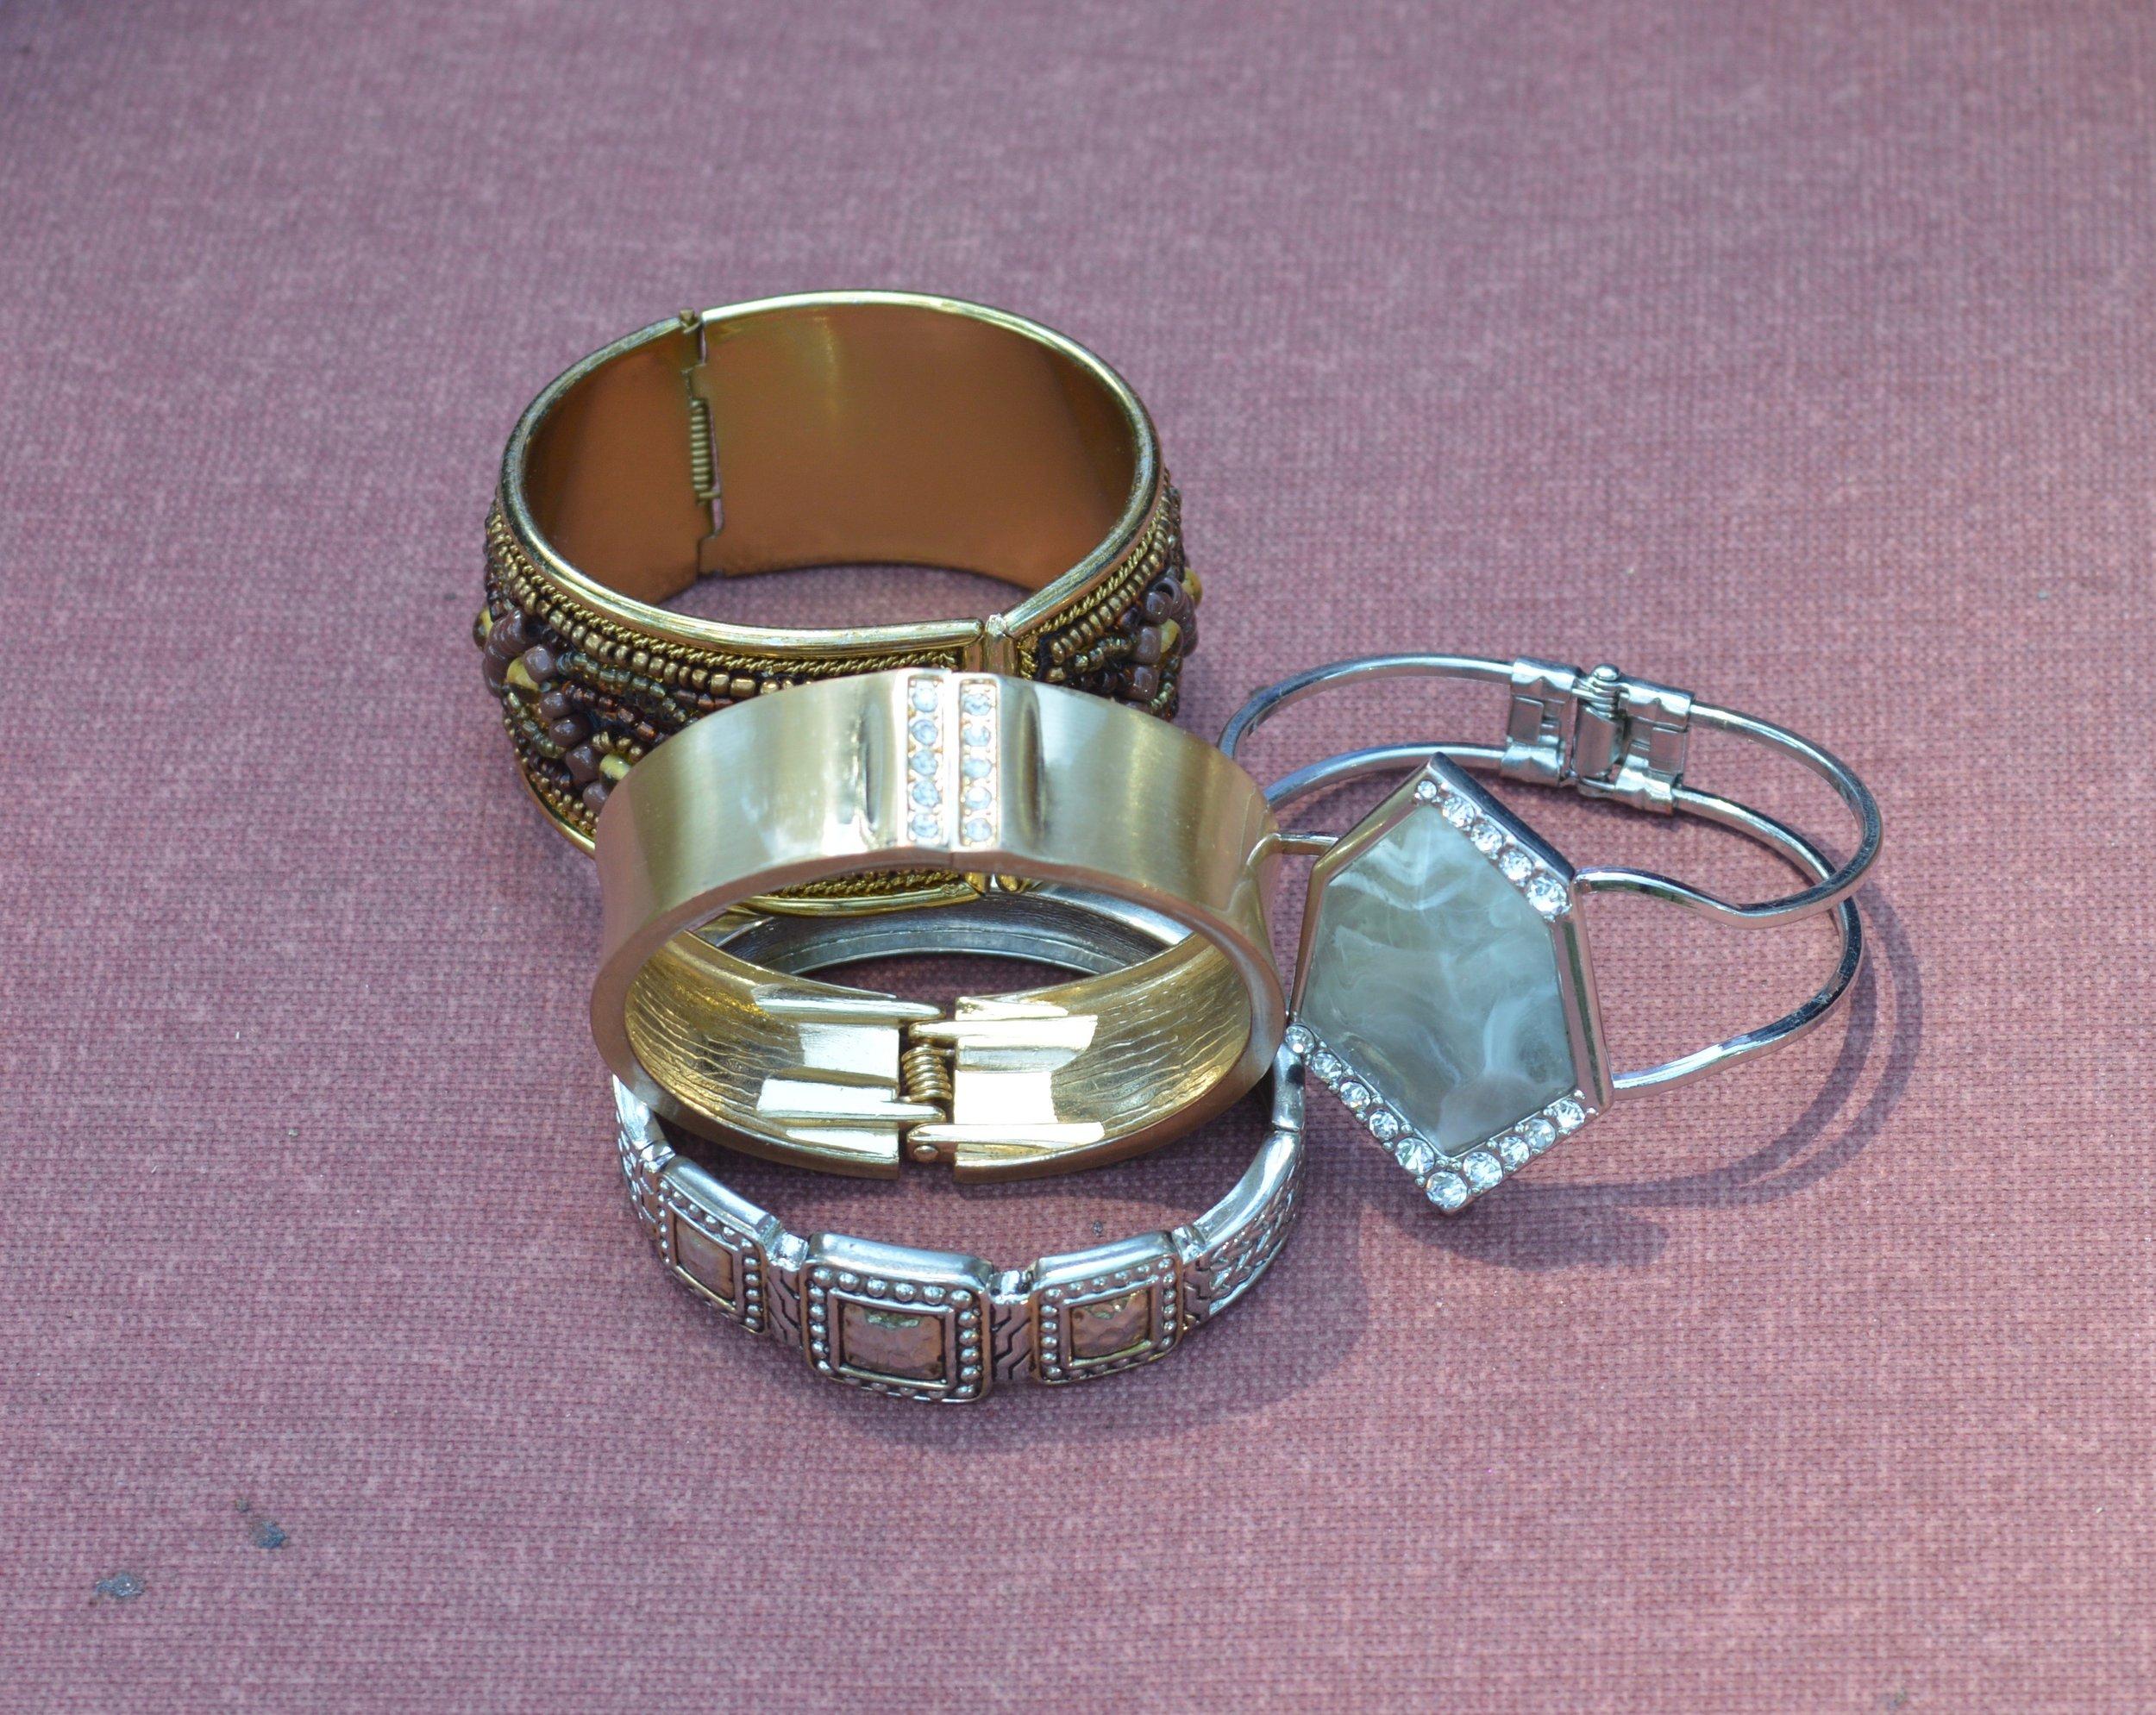 hinged bangles